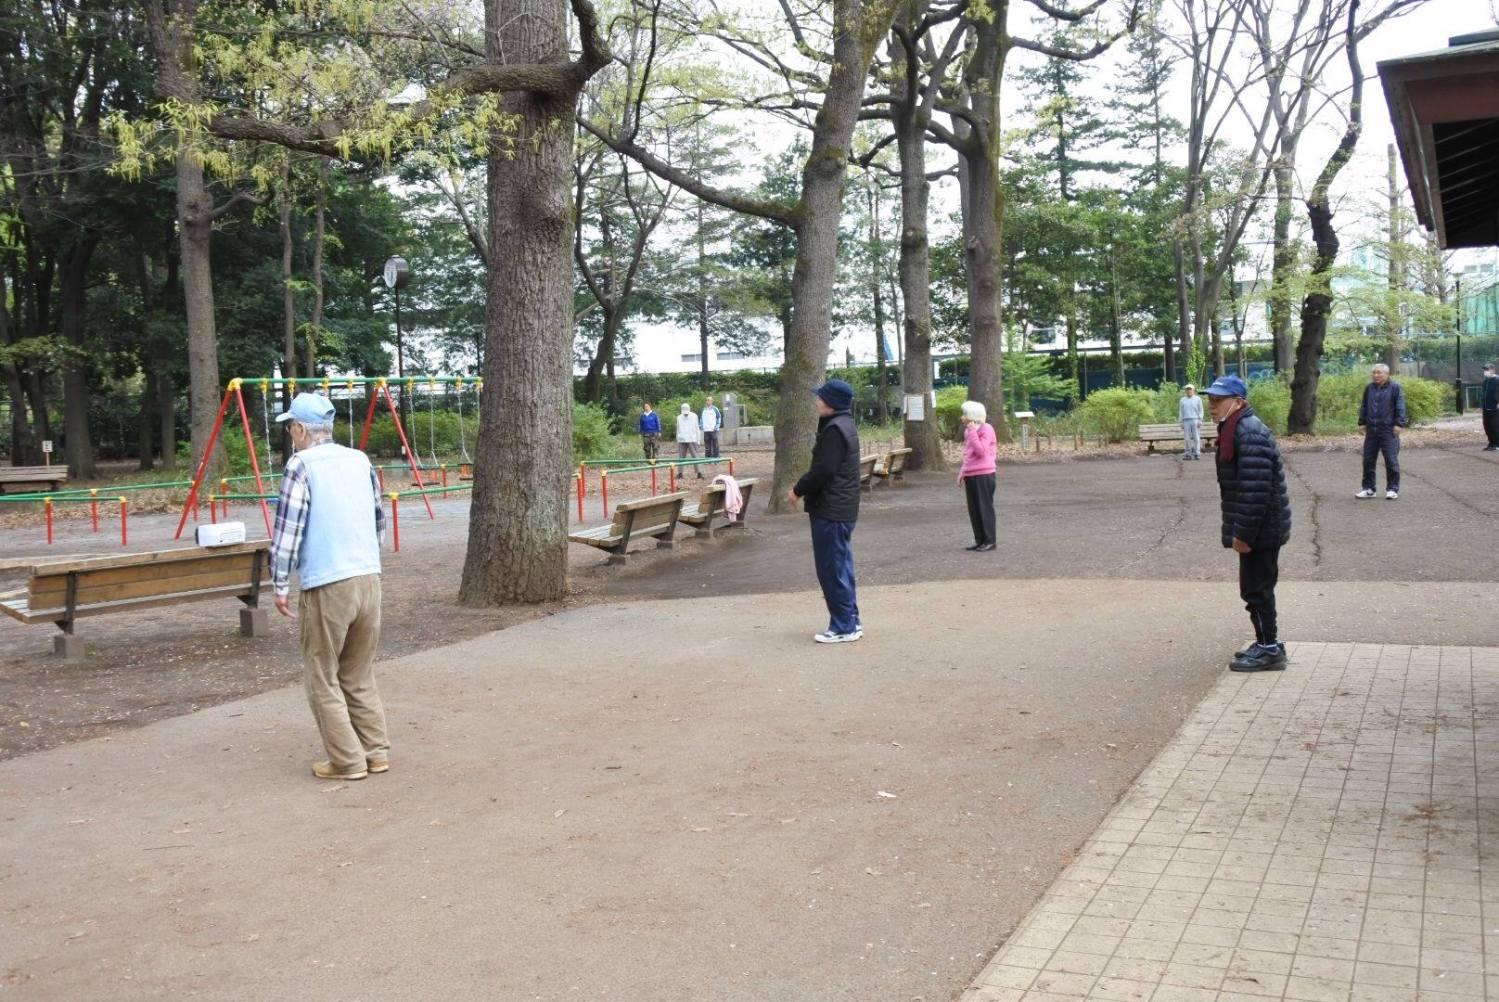 샤쿠지이코엔의 아침의 풍경 이미지